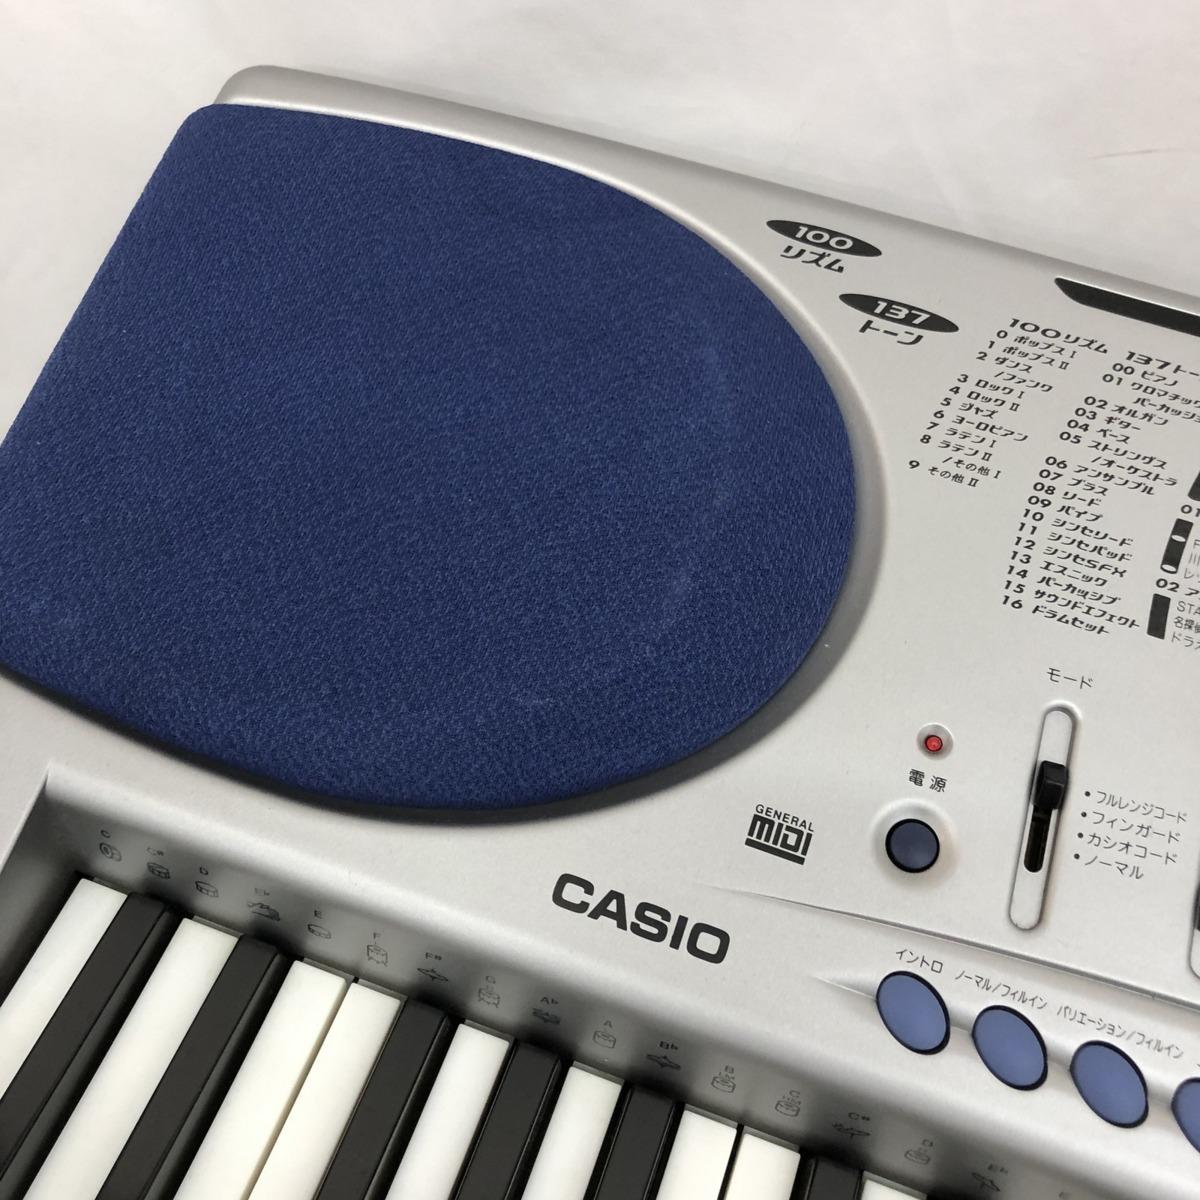 CASIO カシオ 電子キーボード LK-150 光ナビゲーション 61鍵盤 シルバー ブルー 電子ピアノ 鍵盤楽器 アダプター付き H15211_画像6